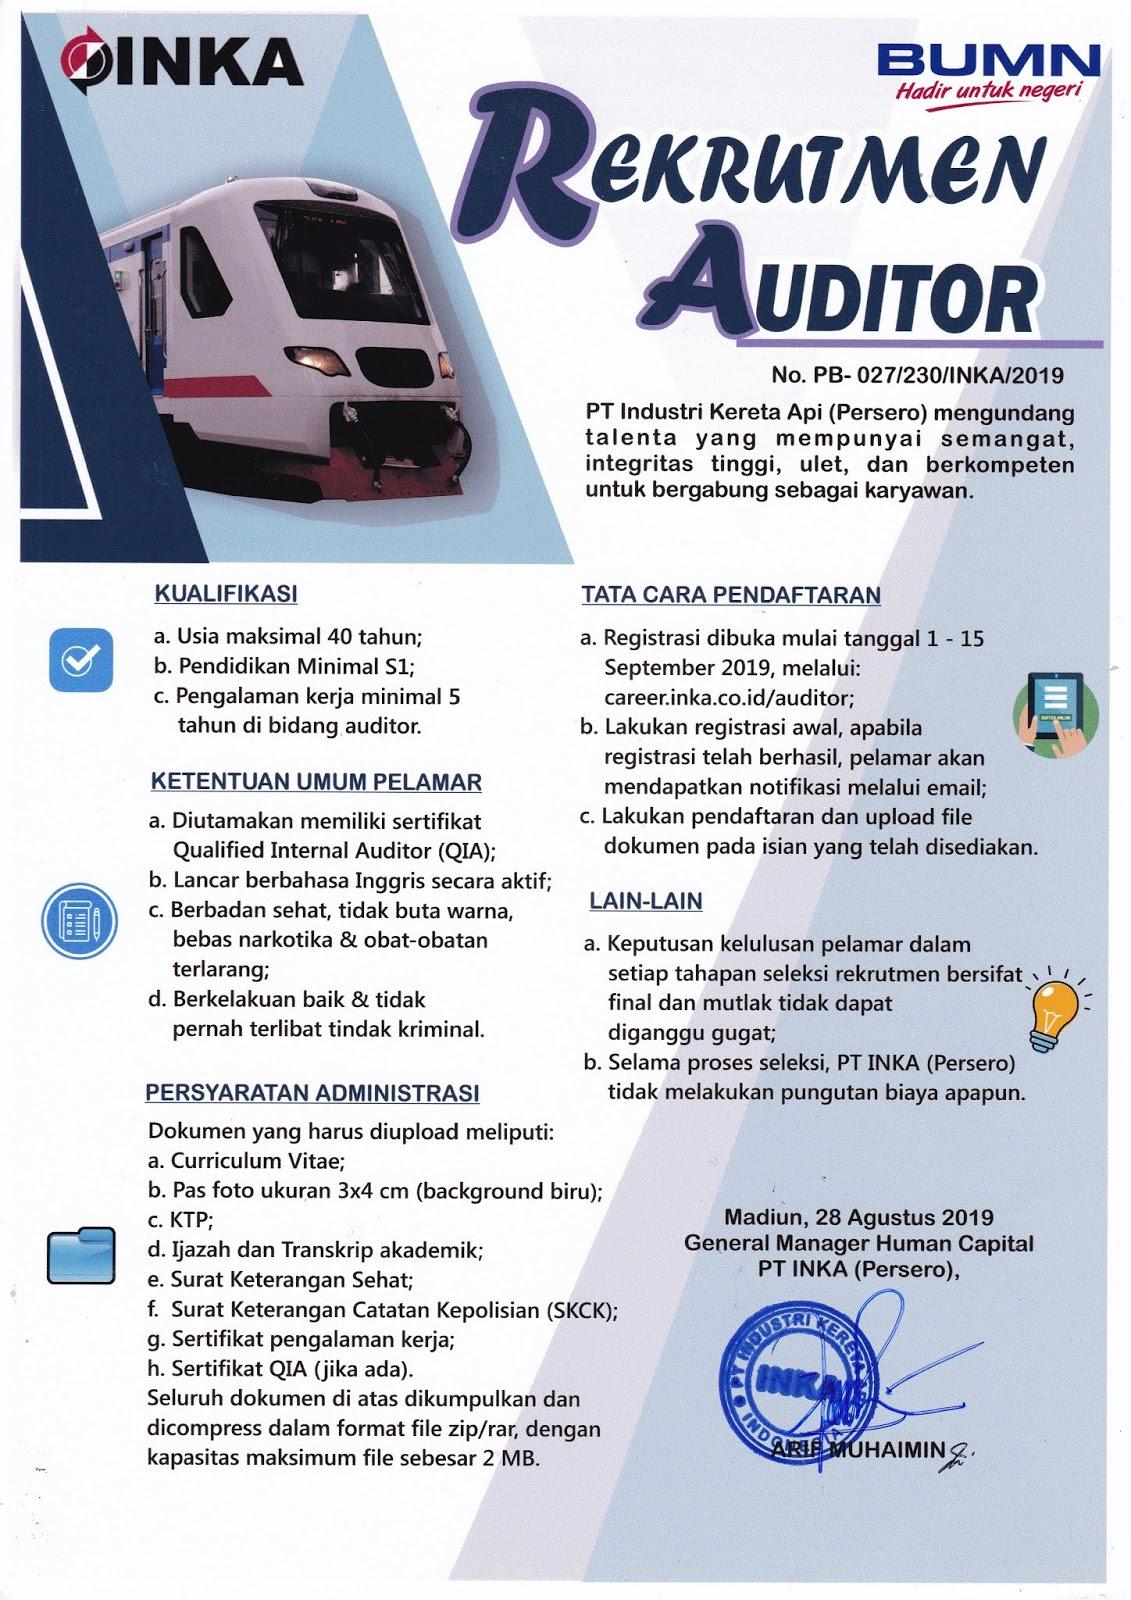 Lowongan Kerja Terbaru PT Industri Kereta Api (Persero) Tanggal 1-15 September 2019